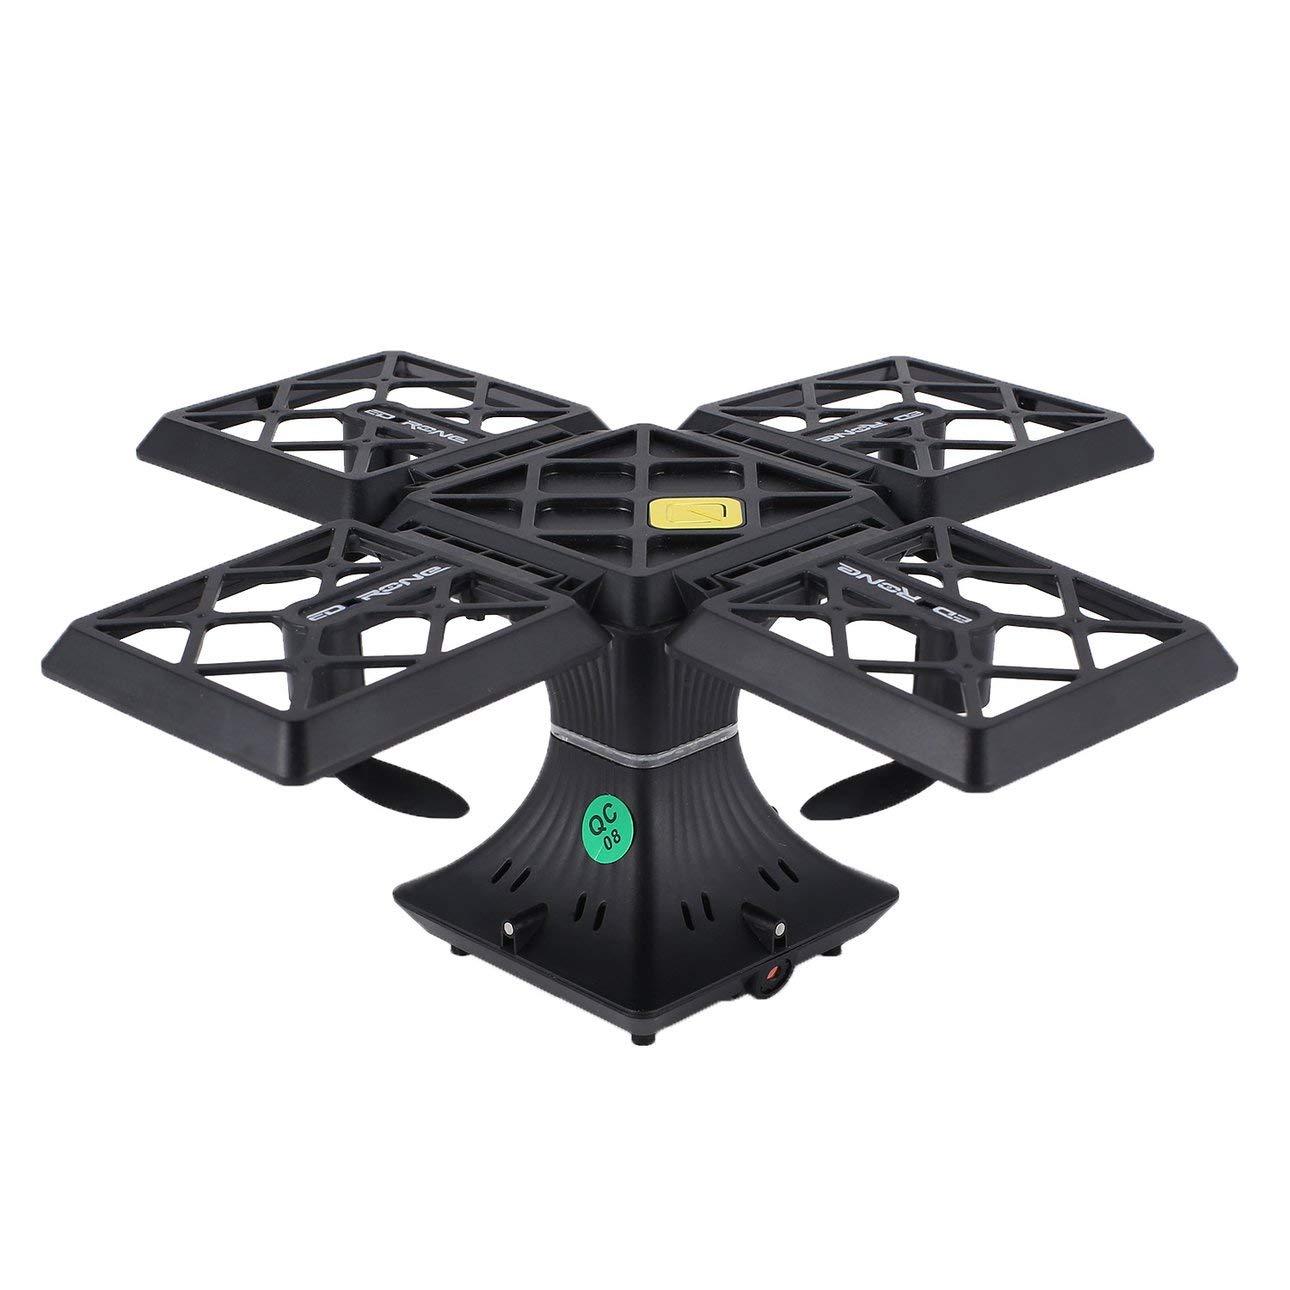 Ballylelly Drone with Camera 414 Selfie FPV Pieghevole Drone Altitude Drone Hold 0.3MP WiFi Fotocamera 3D Flip (Nero)